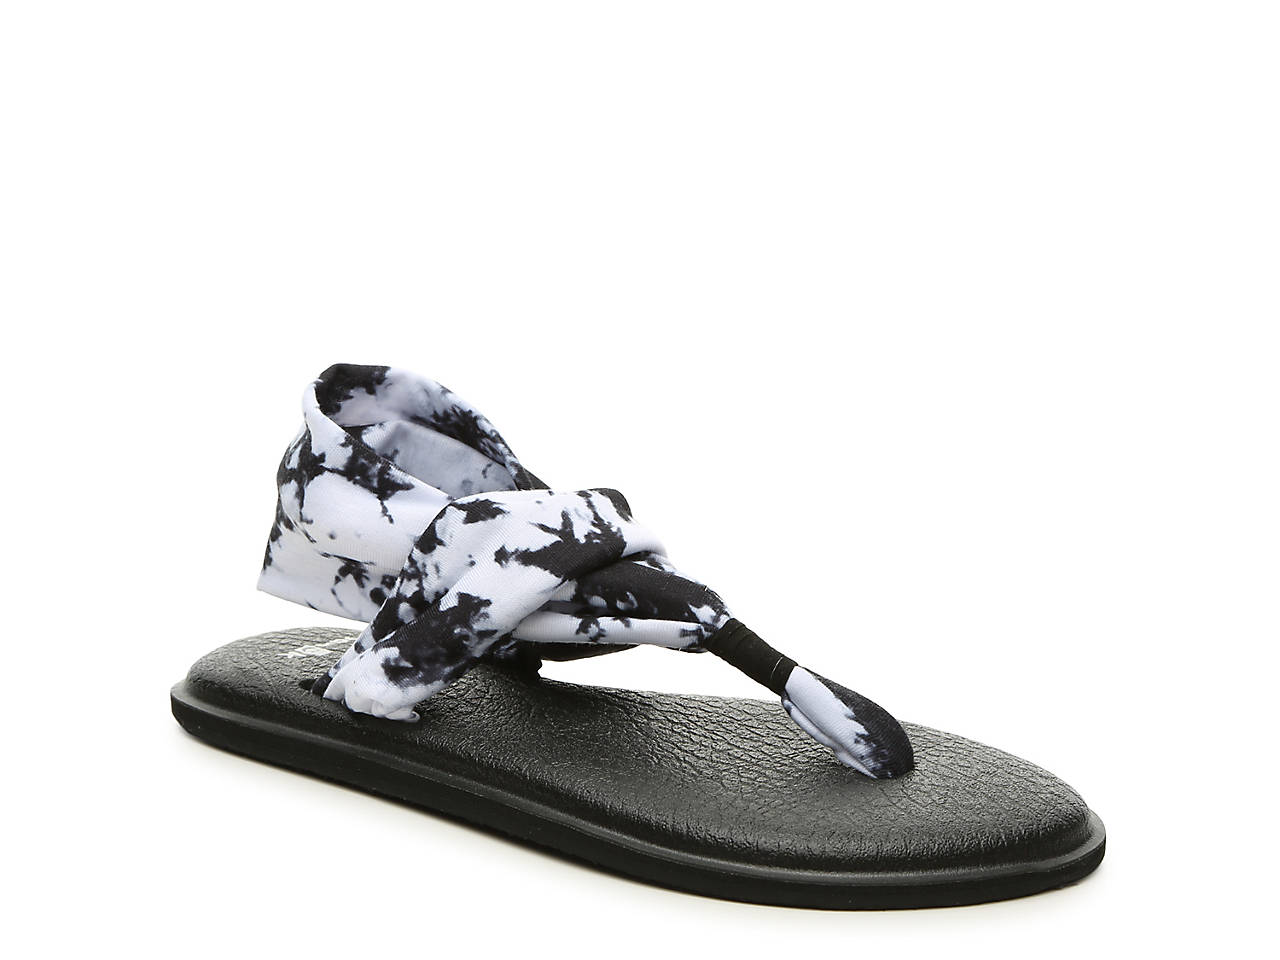 2f5ce94345a03e Sanuk Yoga Sling 2 Tie-Dye Flat Sandal Women's Shoes   DSW